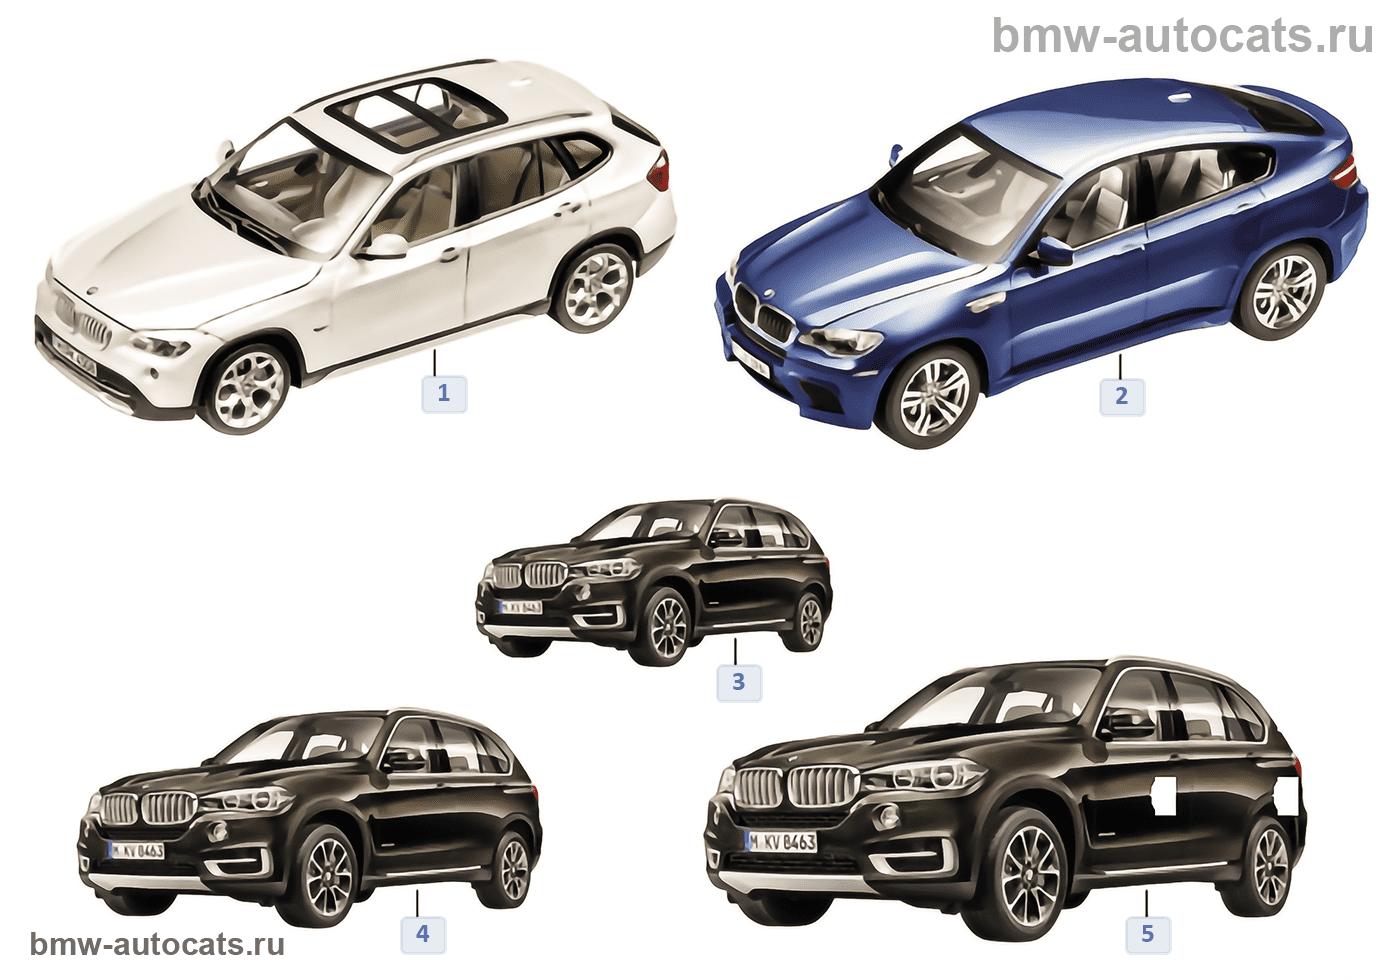 Миниат.модели BMW — BMW X 13/14